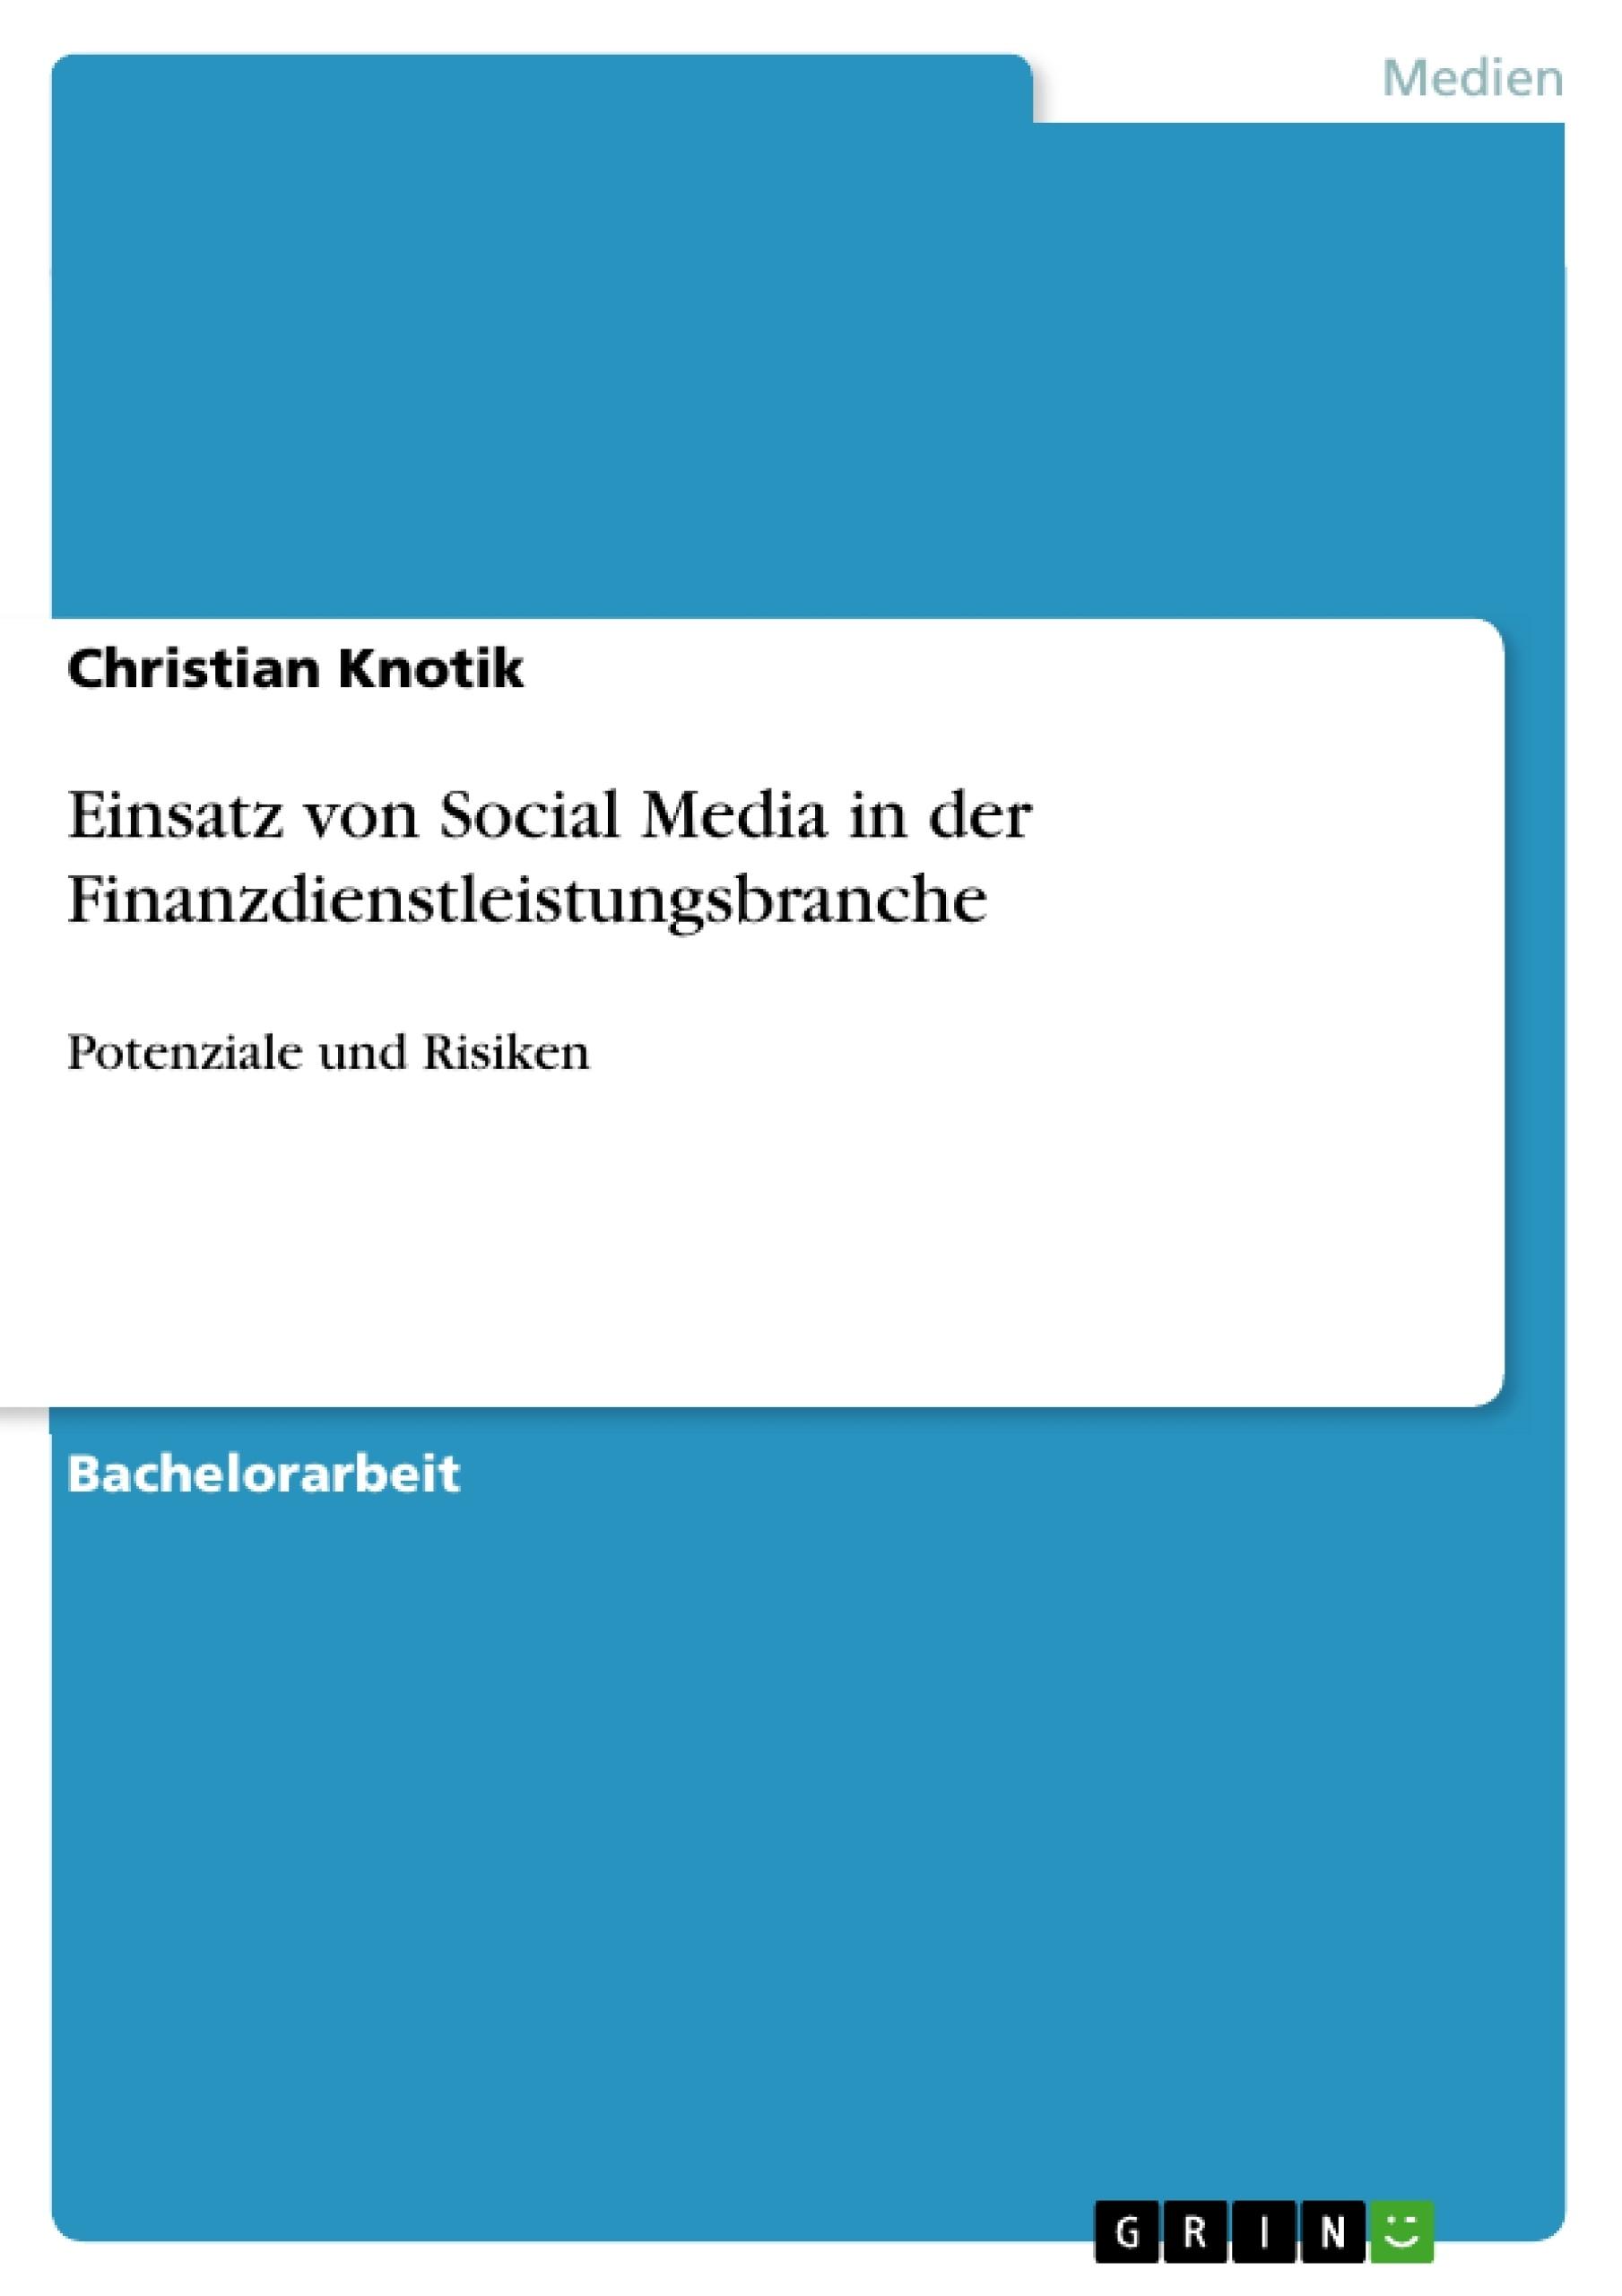 Titel: Einsatz von Social Media in der Finanzdienstleistungsbranche